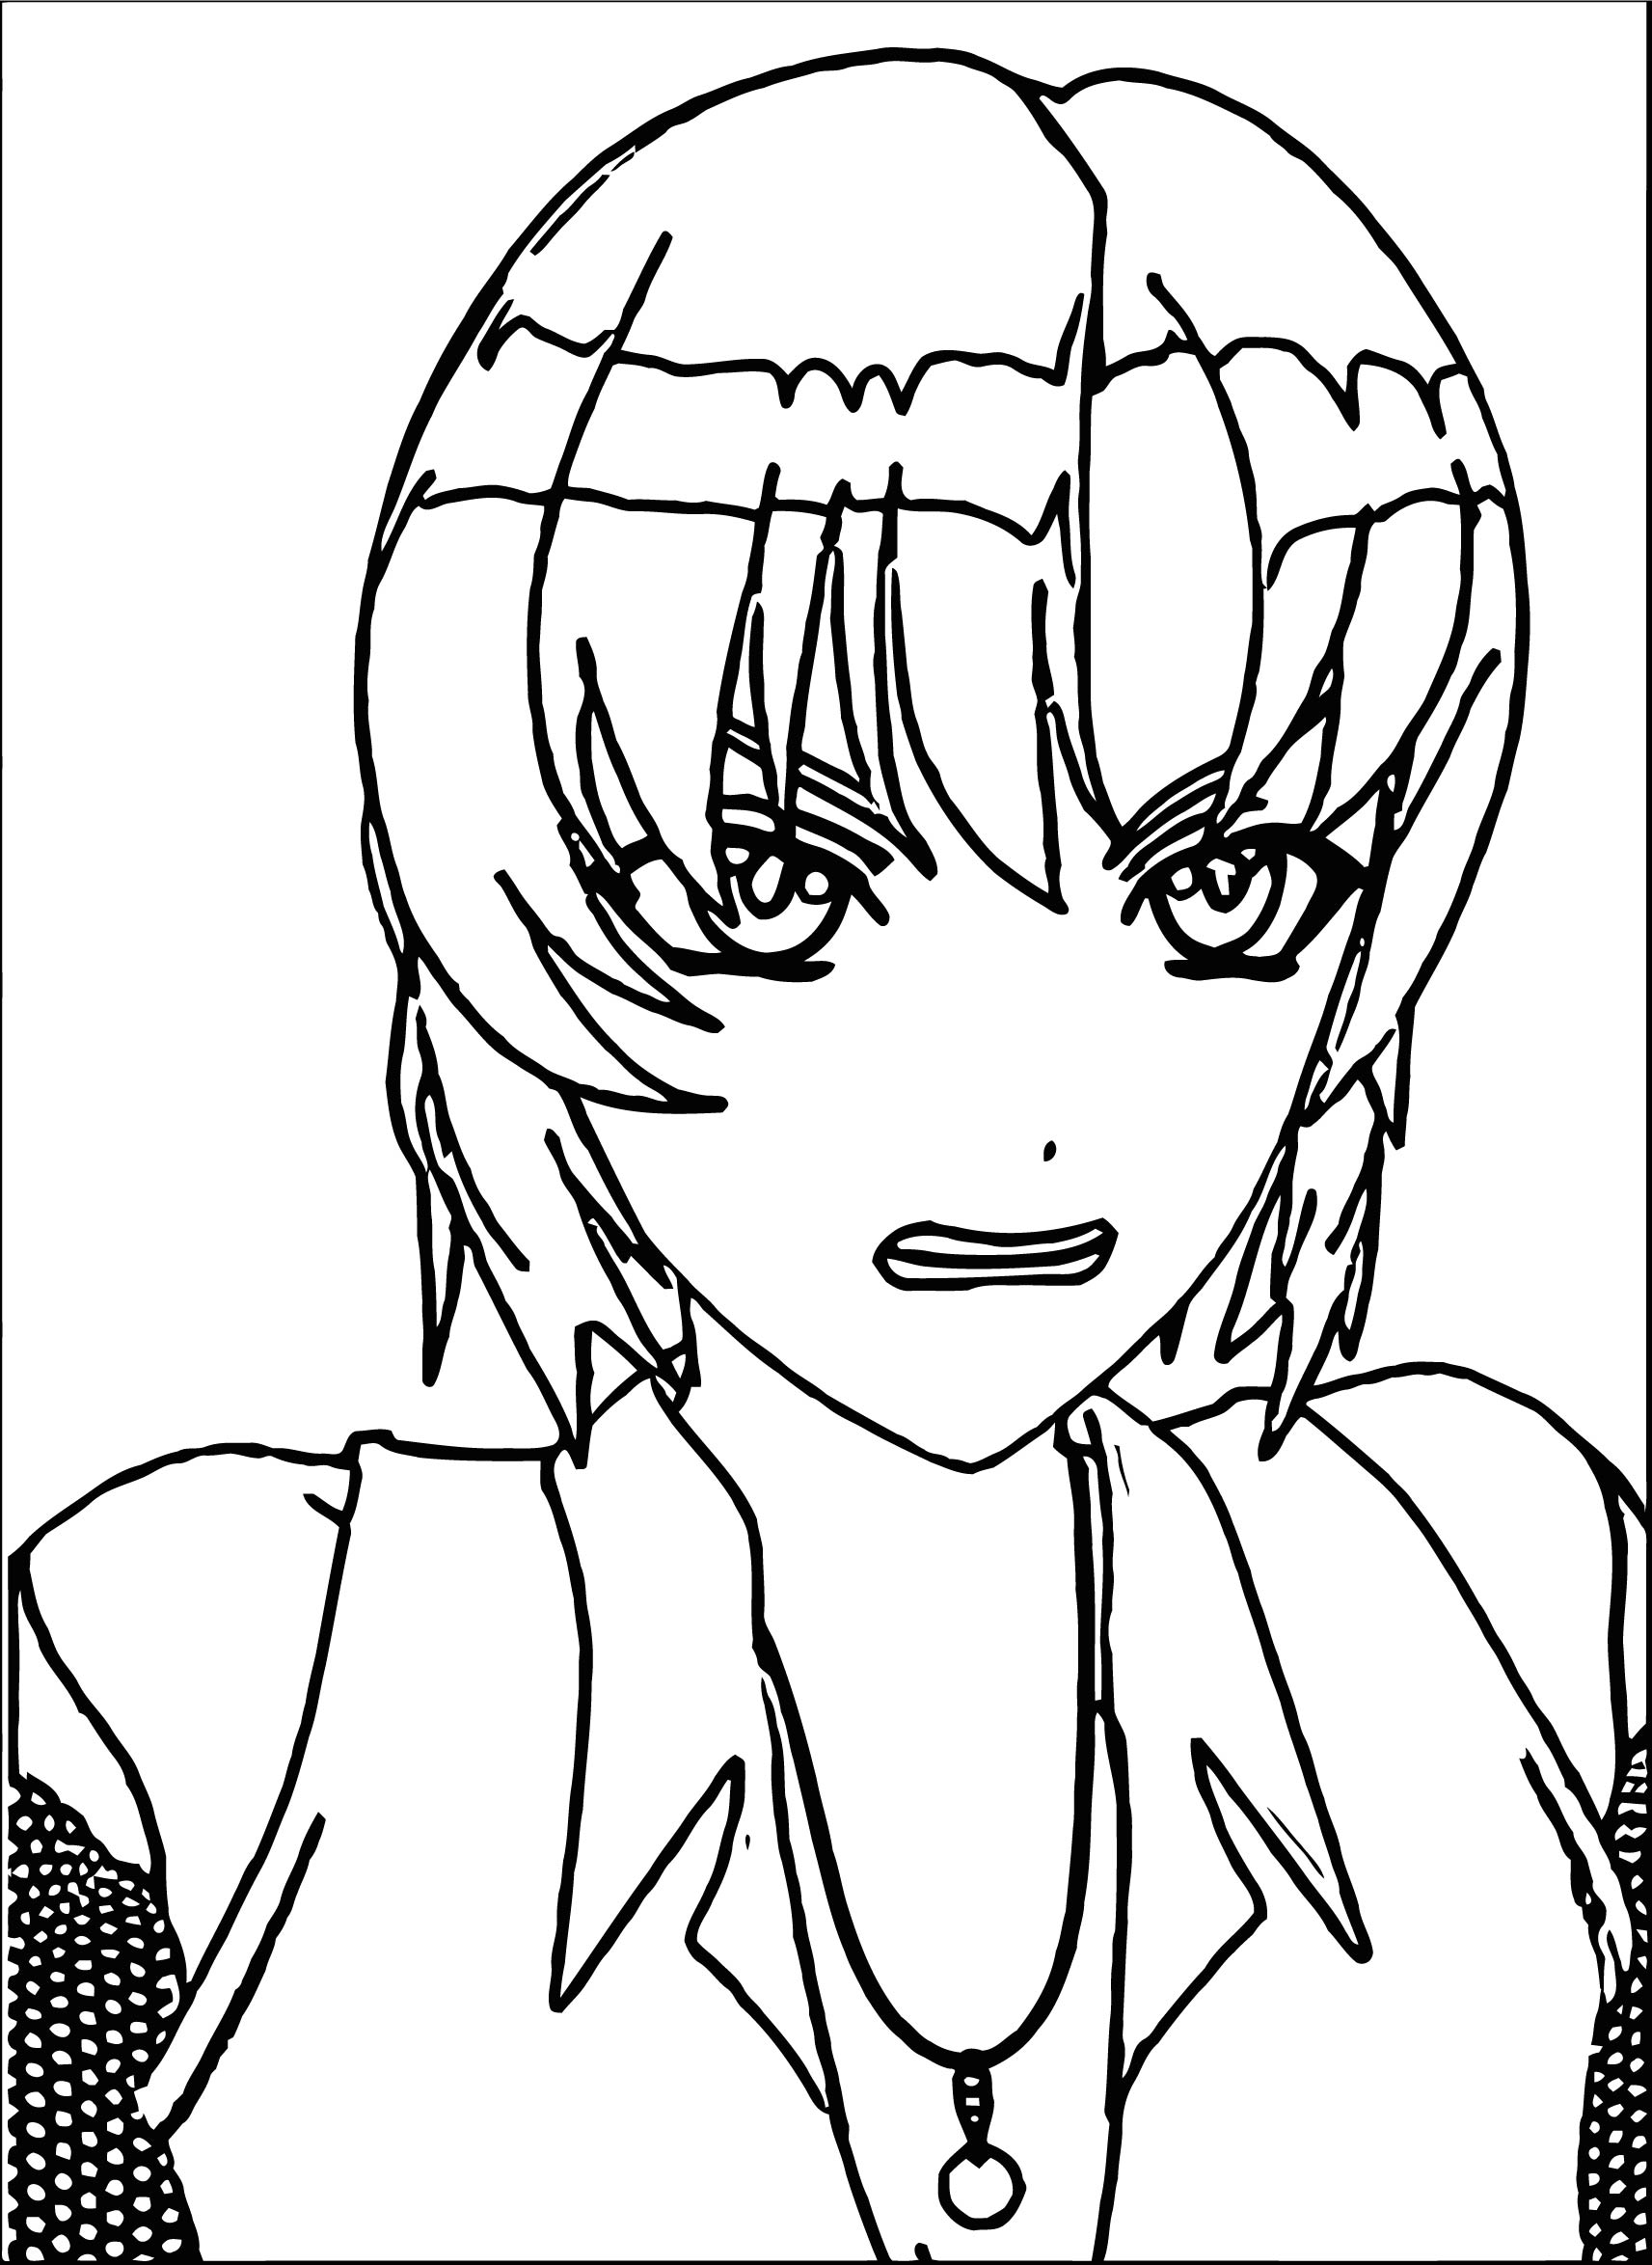 Manga Angry Boy Coloring Page